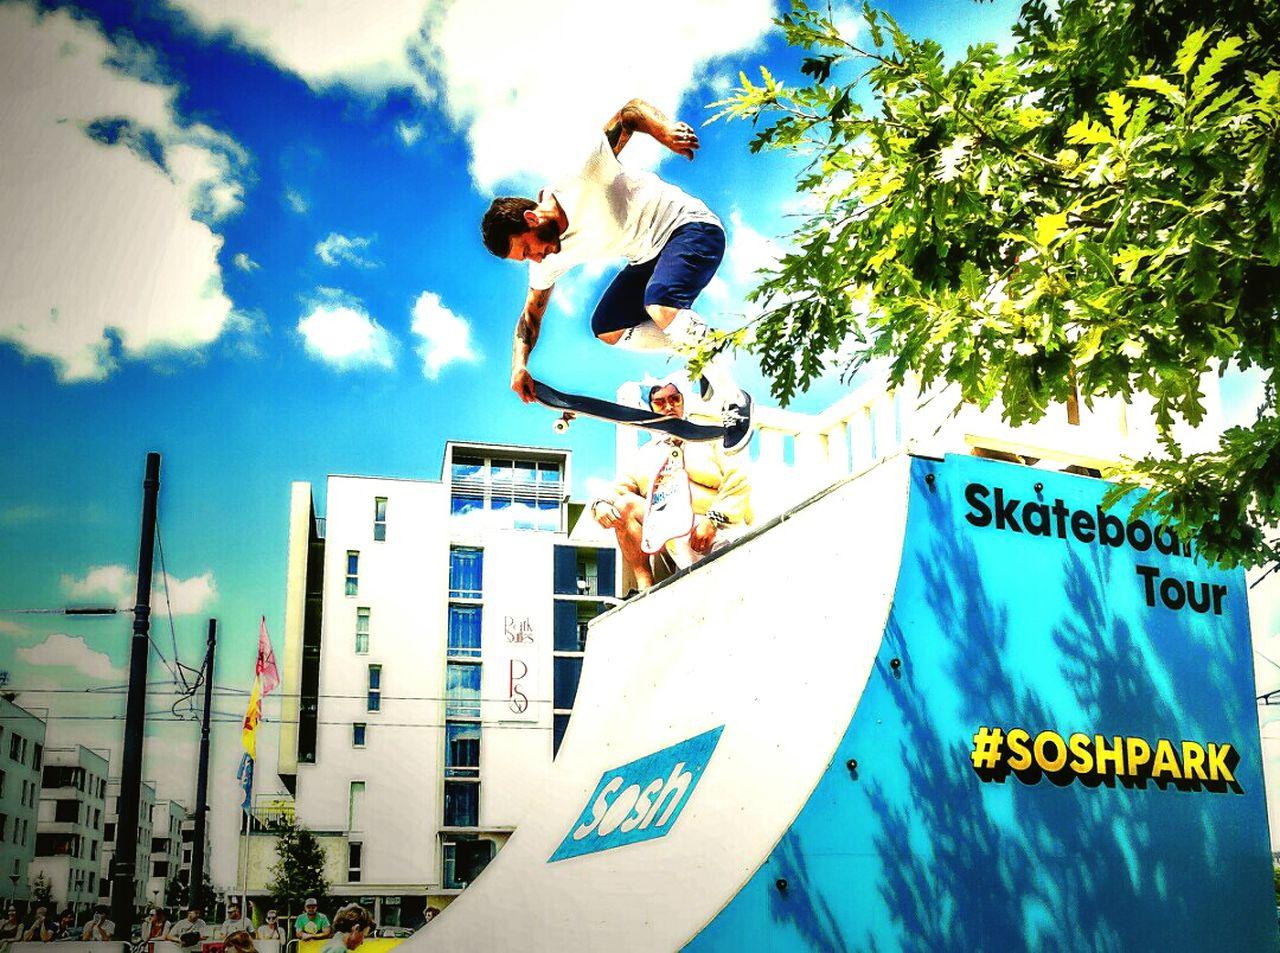 Sosh Tour 2015 Skate Park Skateboarding Skate Or Die Sk8anddestroy Skater